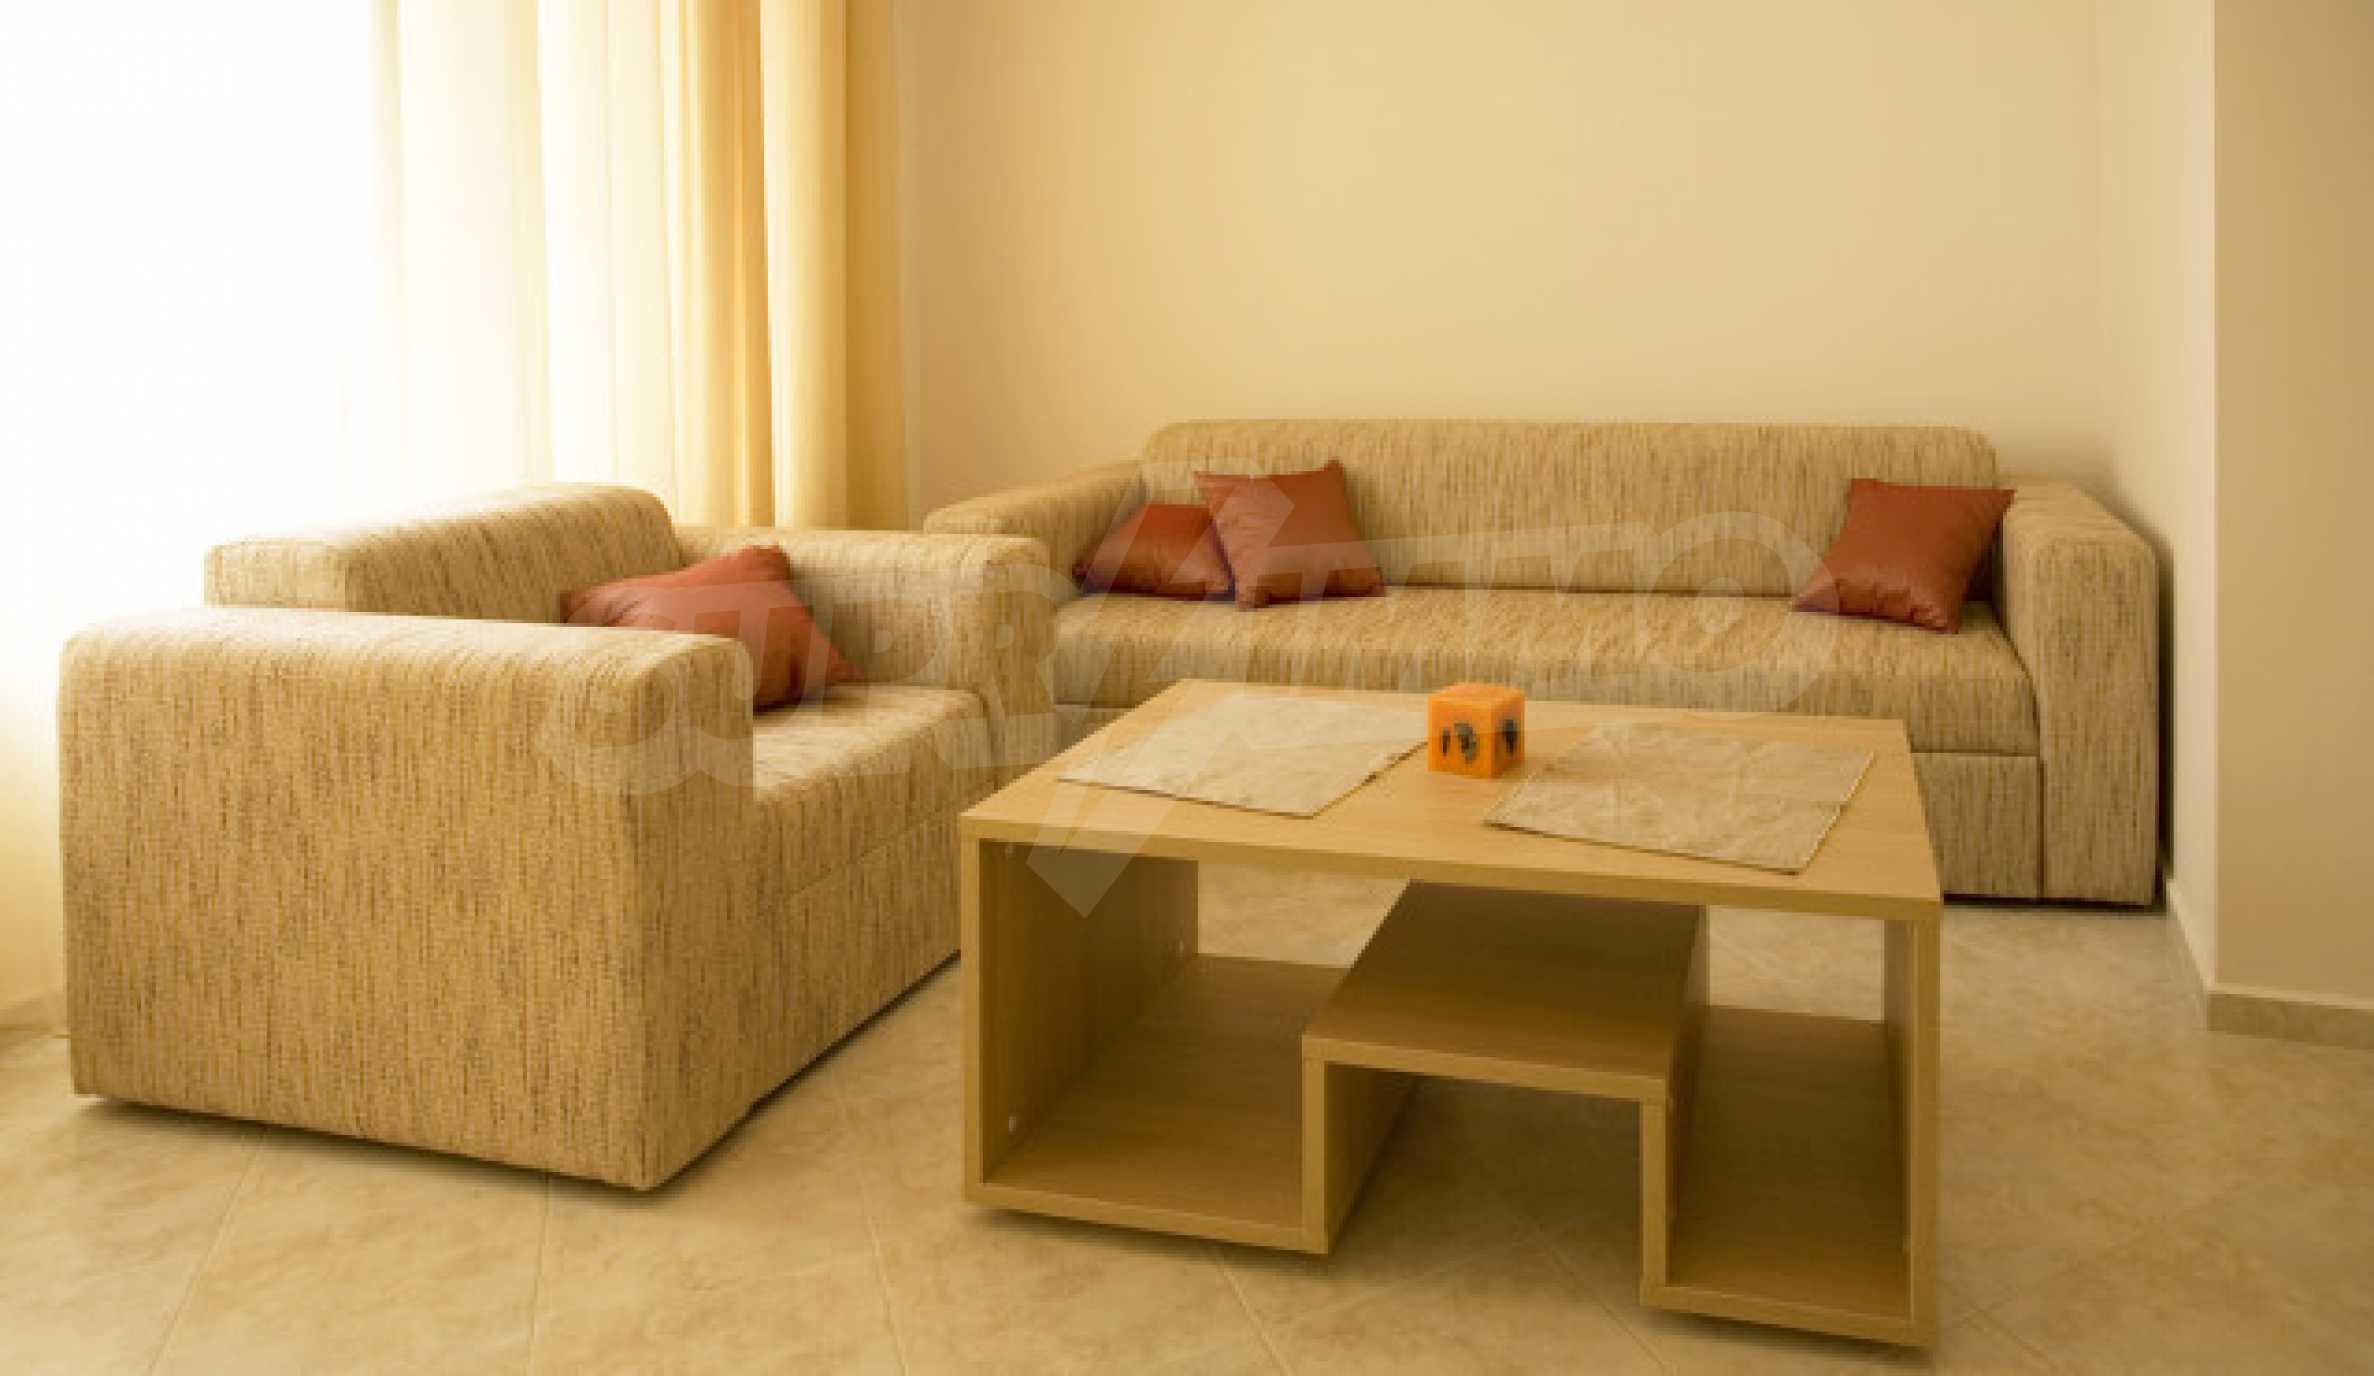 Sunset Kosharitsa - Apartments in einem attraktiven Berg- und Seekomplex, 5 Autominuten vom Sonnenstrand entfernt 57